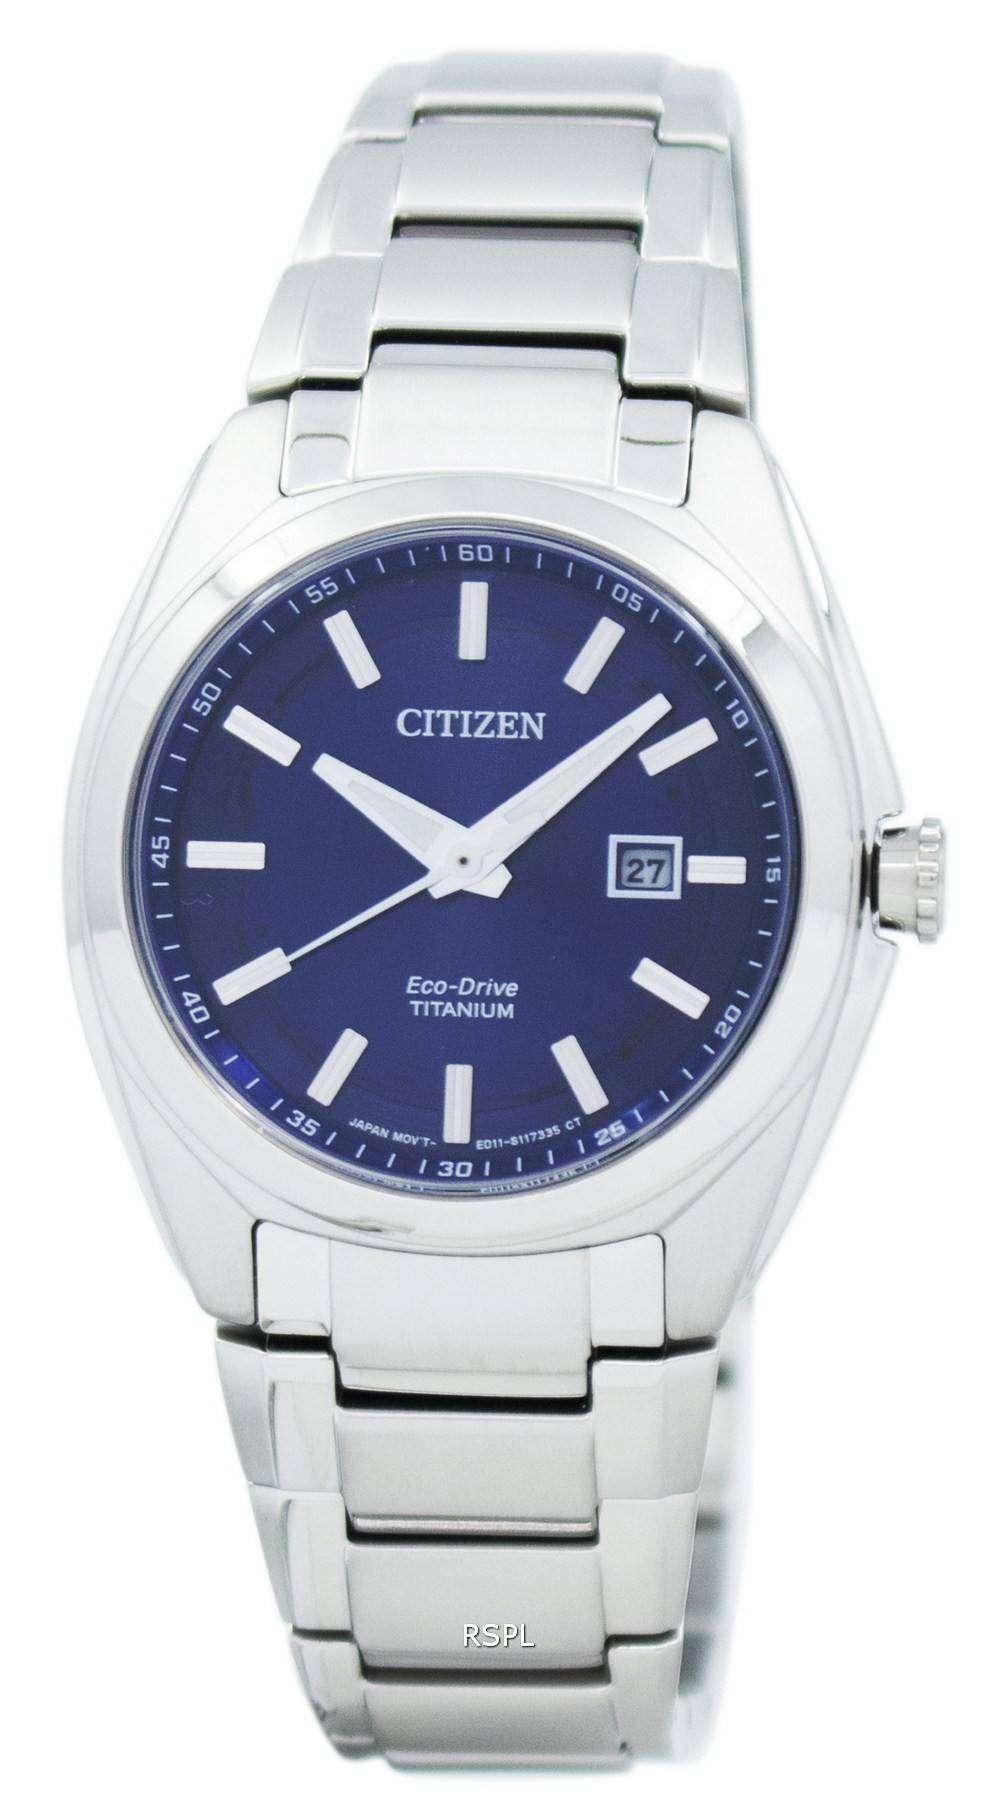 Citizens Of Beauty: Citizen Eco-Drive Titanium EW2210-53L Women's Watch